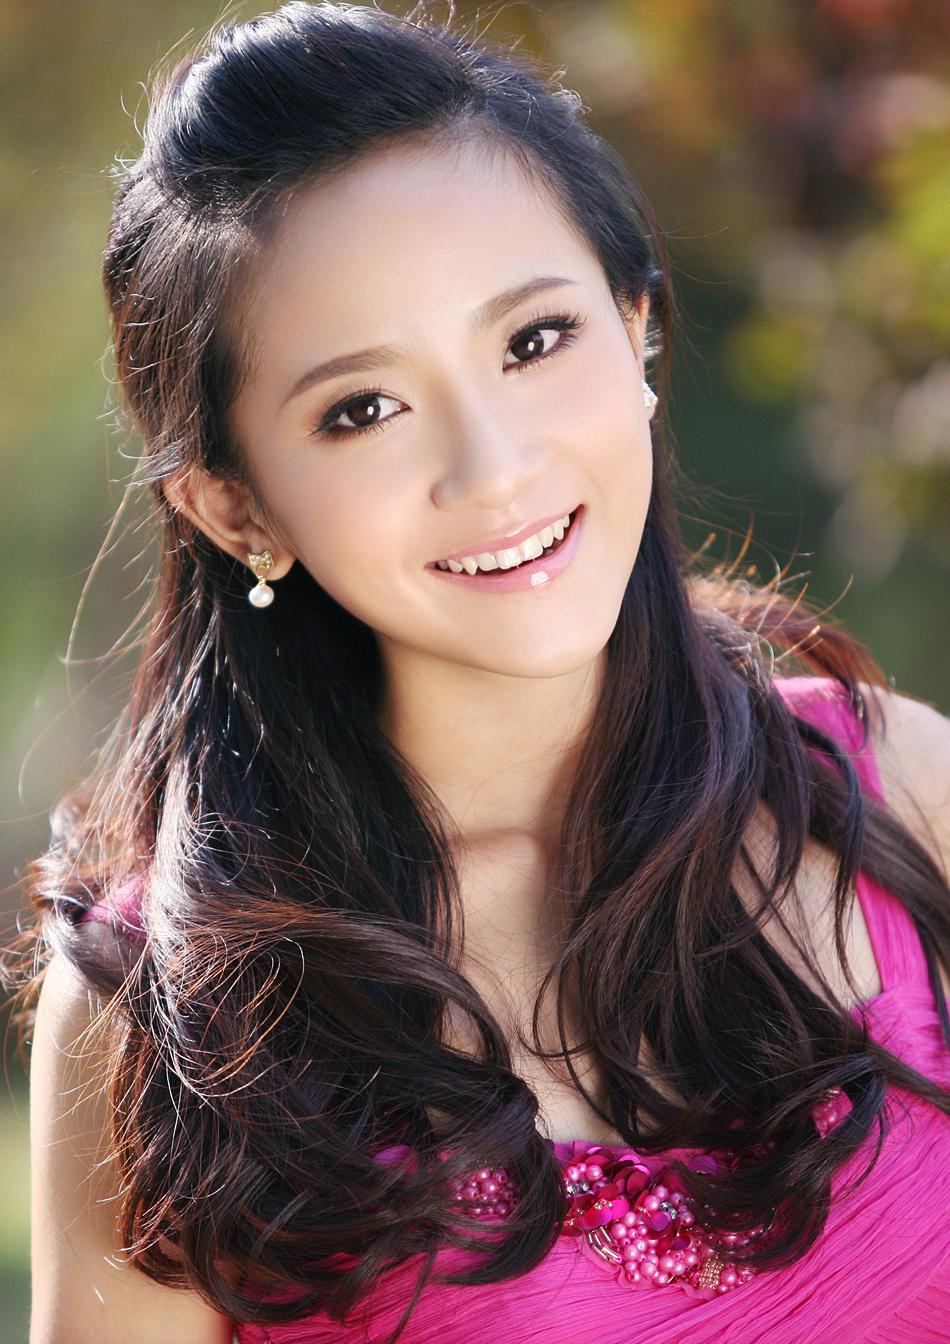 http://www.sinaimg.cn/dy/slidenews/4_img/2013_15/704_931728_625089.jpg